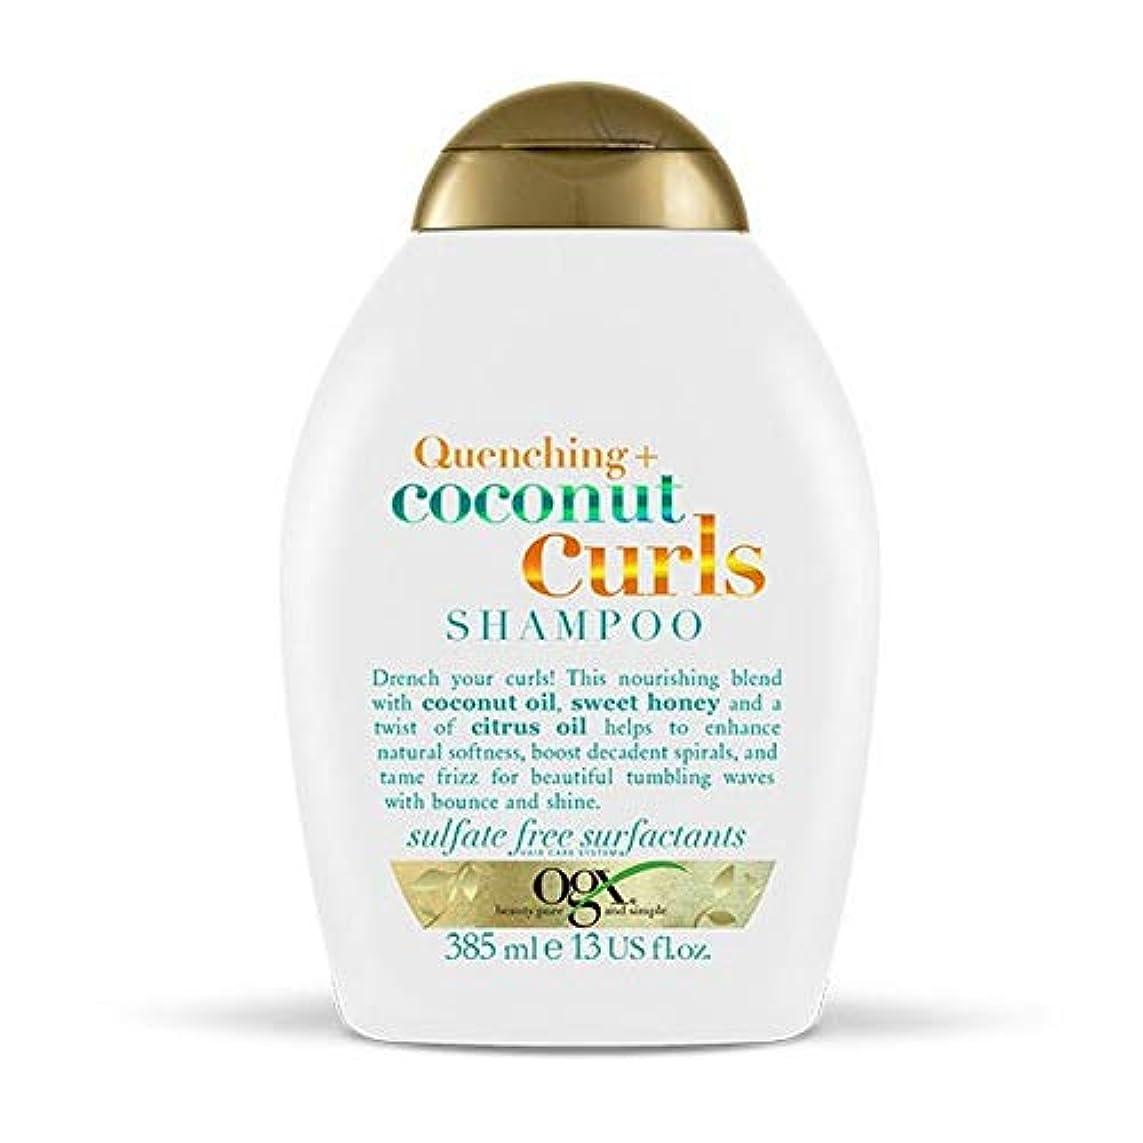 写真のグリーンランド迷信[Ogx] Ogx消光ココナッツカールシャンプー385ミリリットル - OGX Quenching Coconut Curls Shampoo 385ml [並行輸入品]